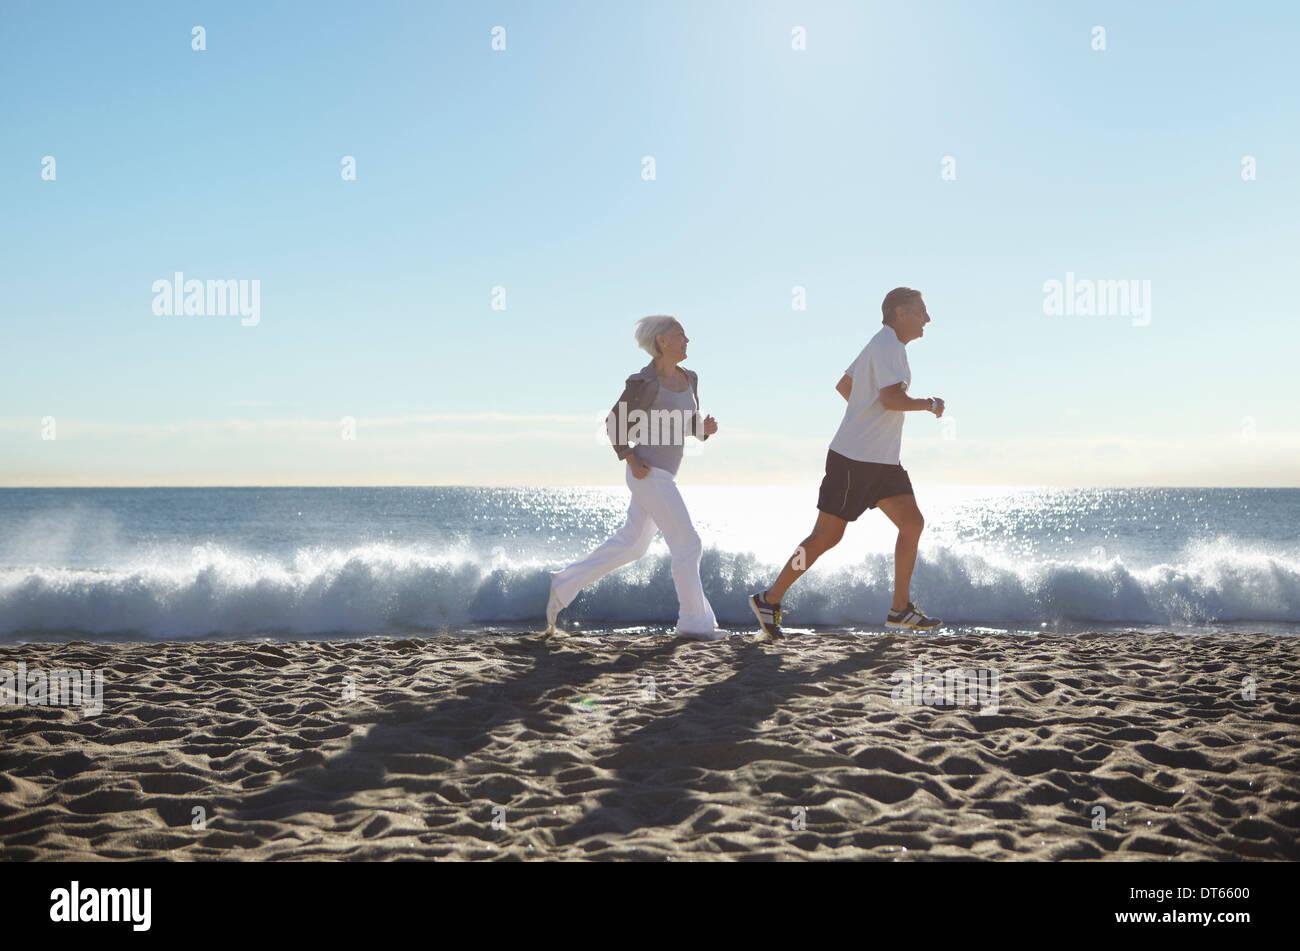 Giovane jogging sulla spiaggia Immagini Stock